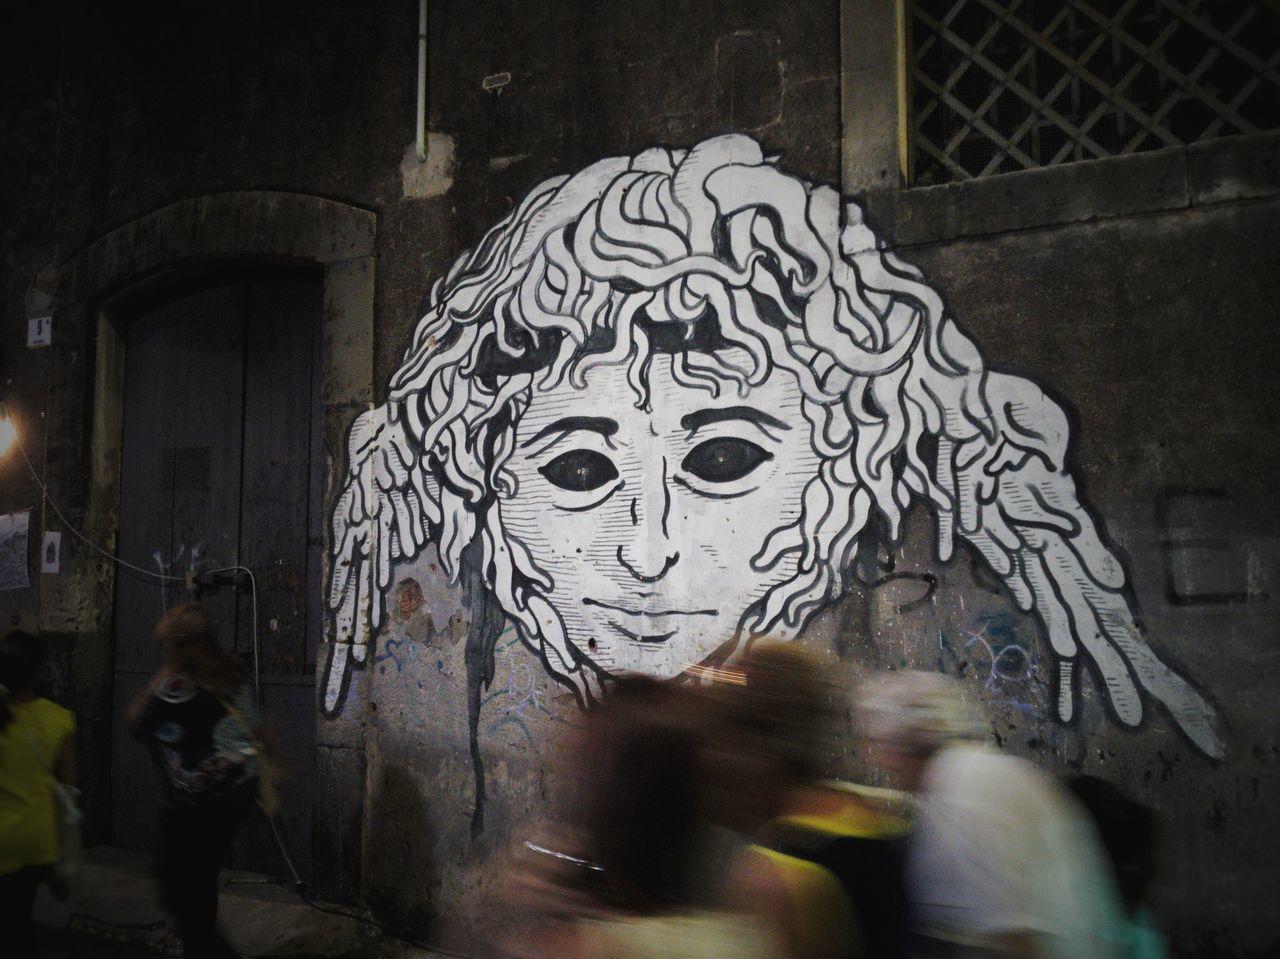 CLOSE-UP OF GRAFFITI ON STONE WALL